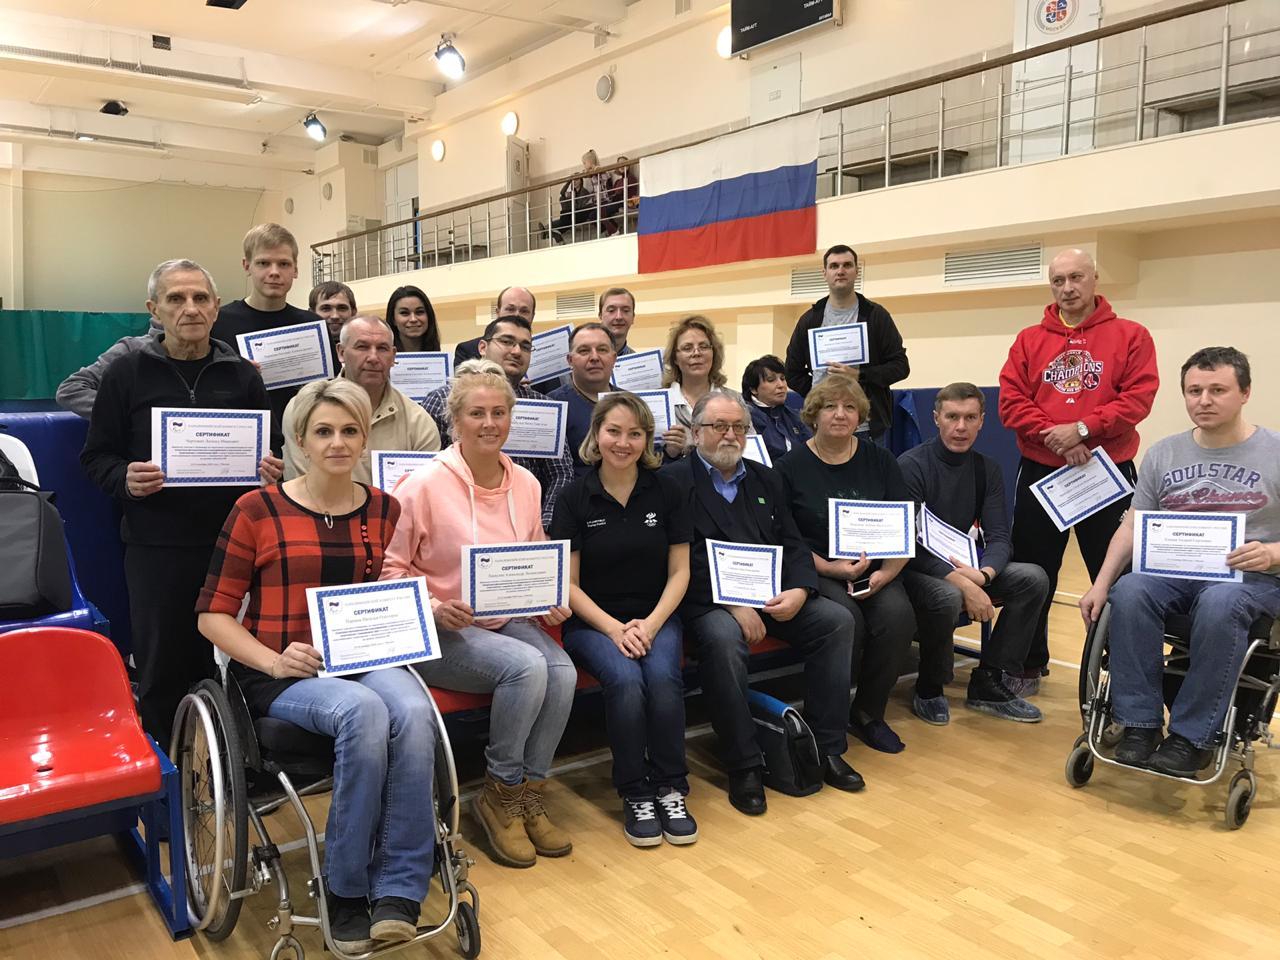 В г. Москве состоялся семинар по подготовке классификаторов на тему: «Спортивно-функциональная классификация в настольном теннисе спорта лиц с поражением опорно-двигательного аппарата»